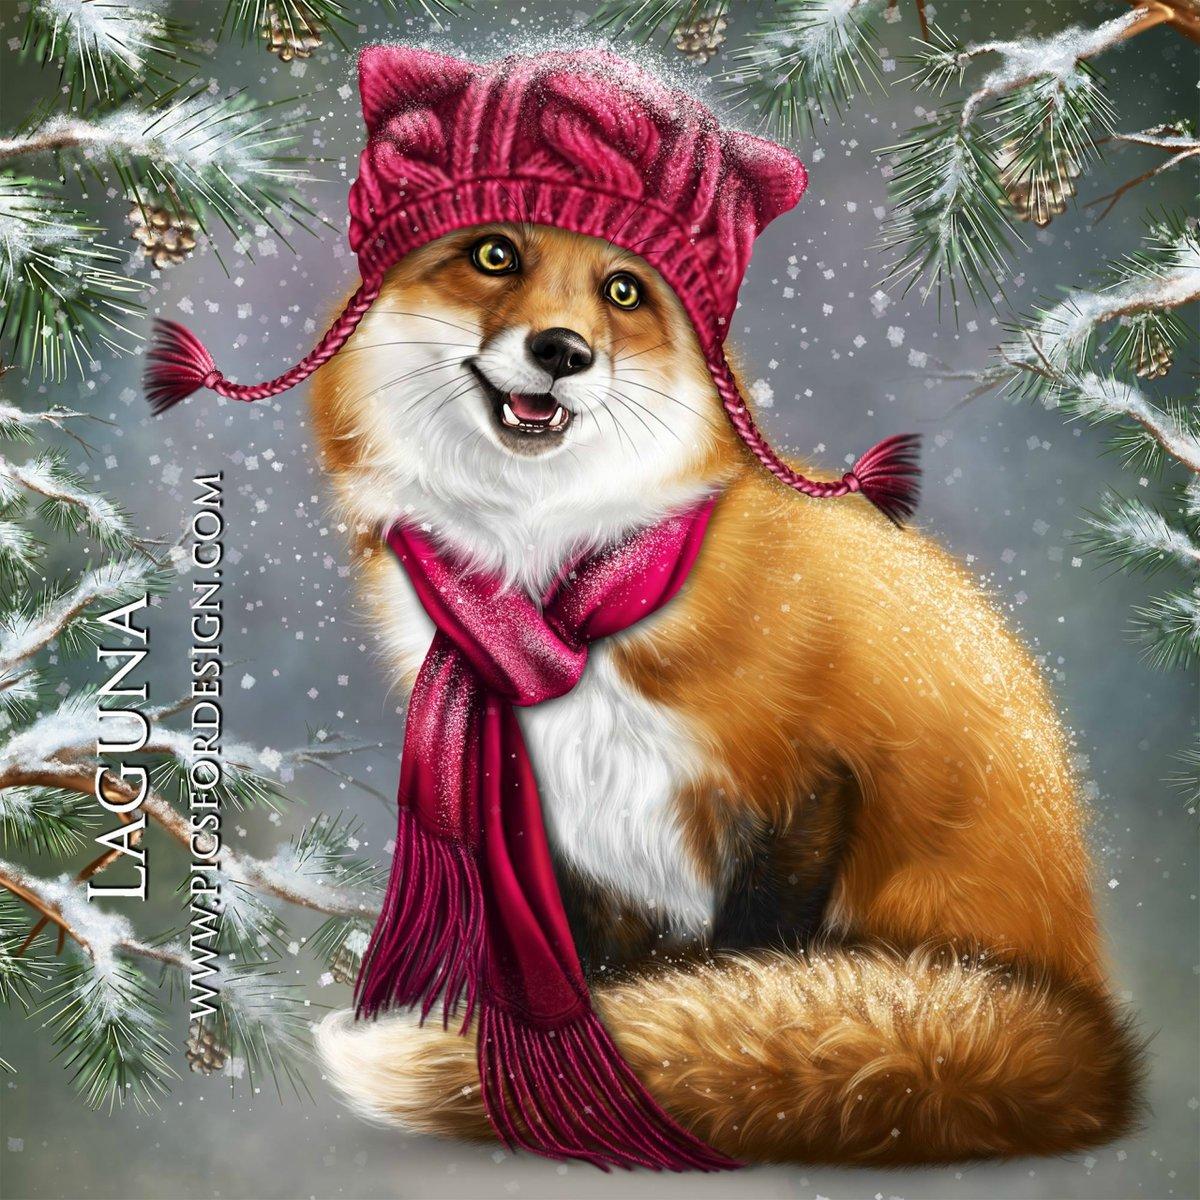 2012 годом, открытка с лисой на новый год